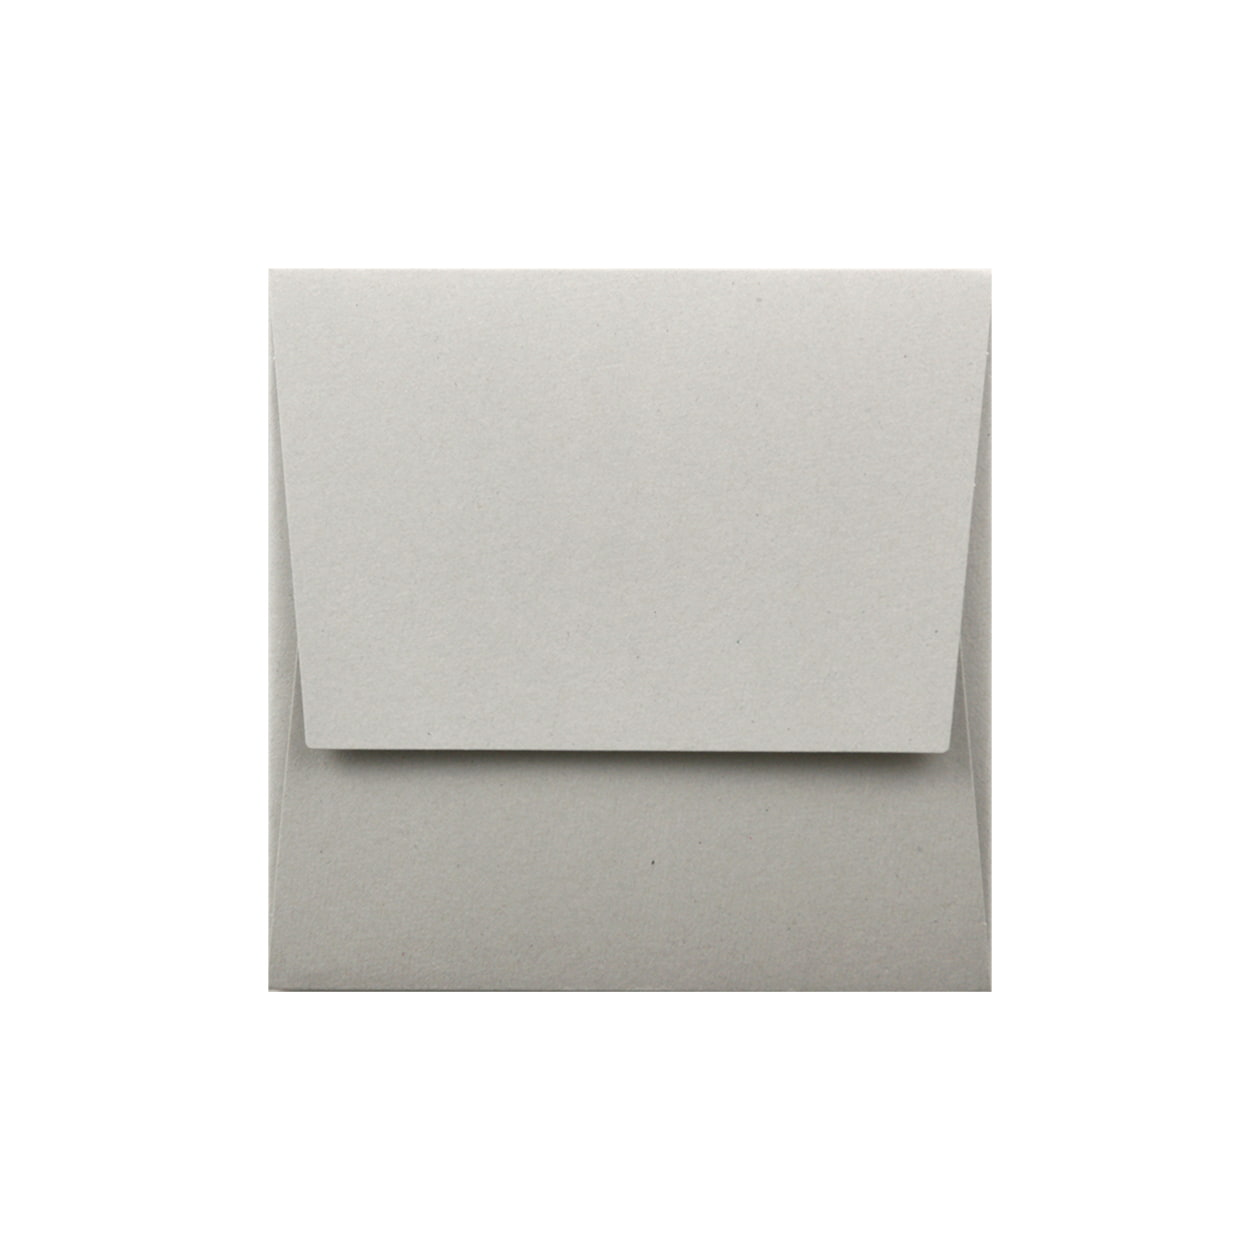 封筒型フォルダーサイズ指定(差込なし)